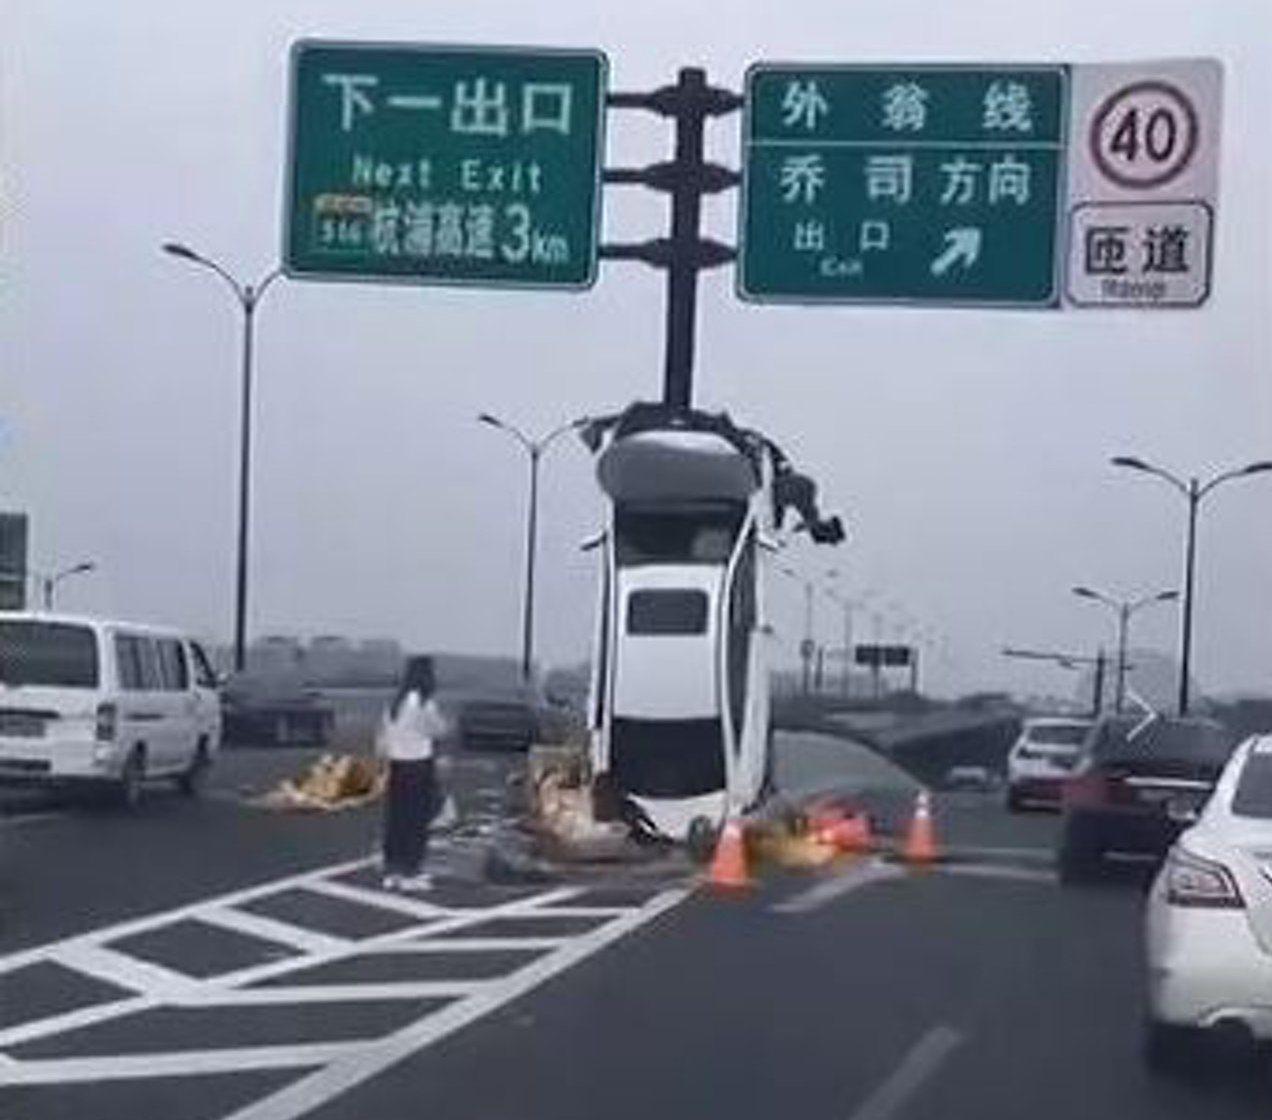 浙江杭州一輛轎車失事撞向道路標誌桿。 圖/翻攝自Youtube